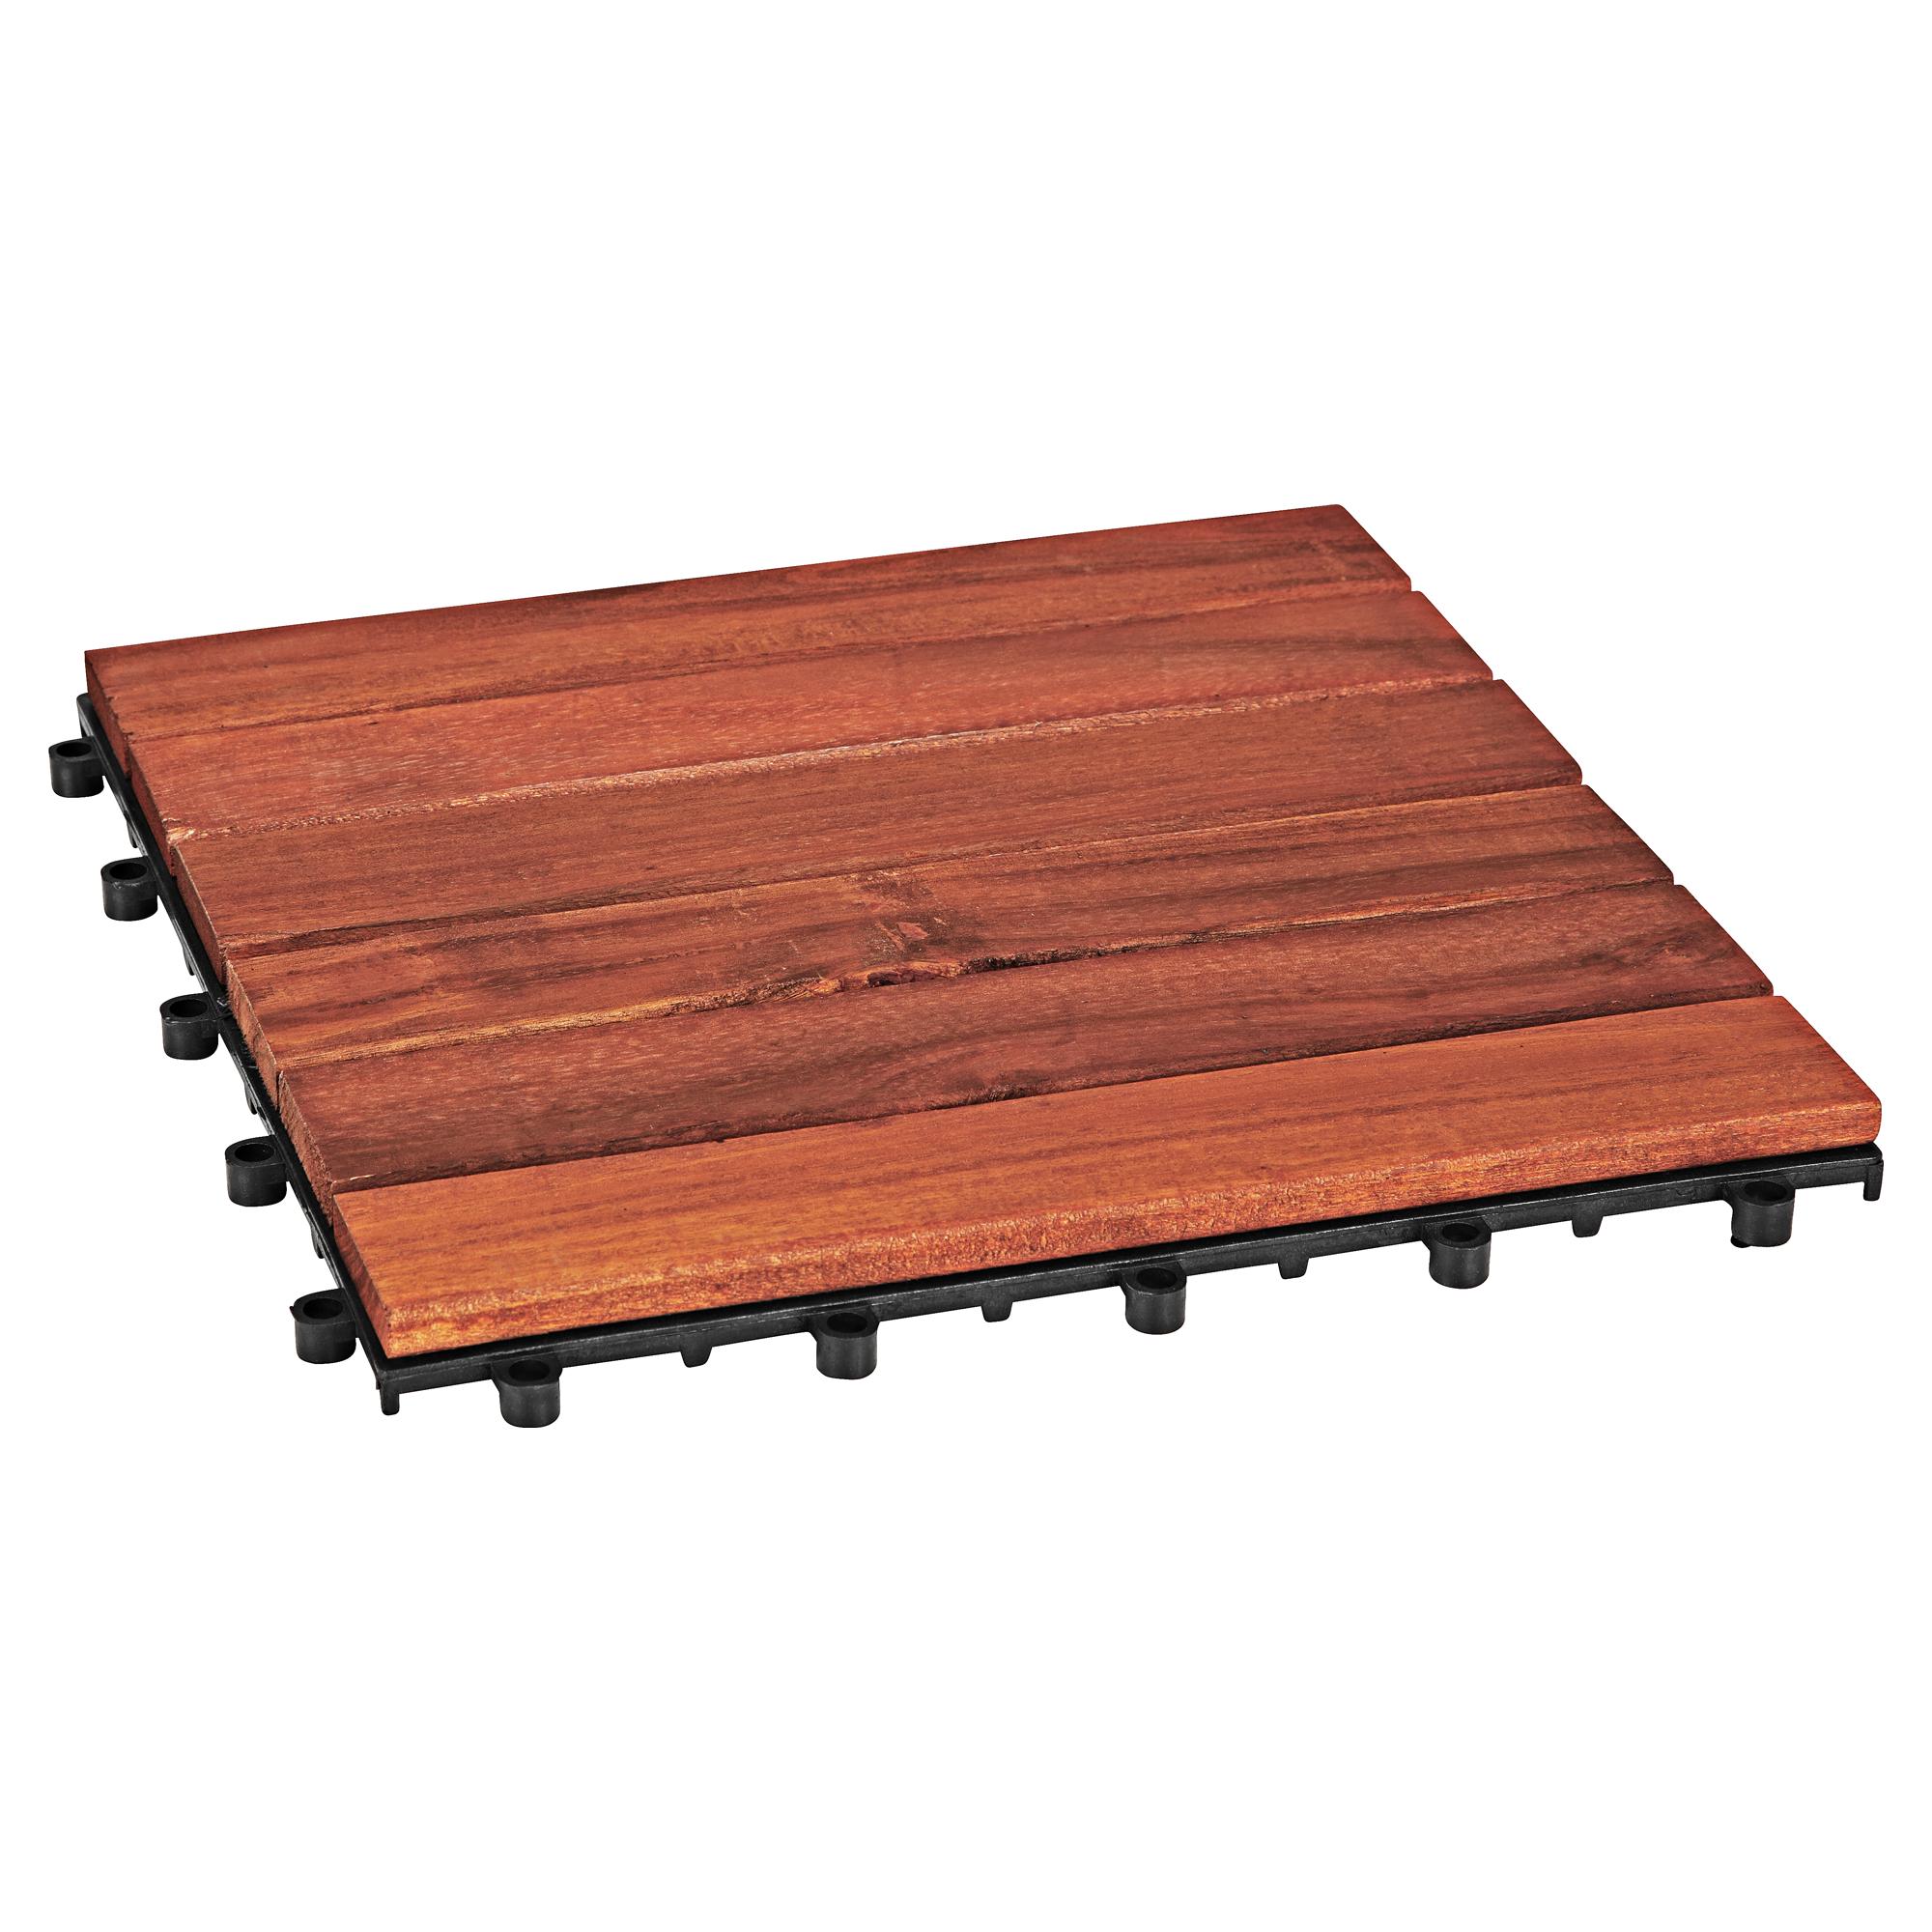 Wpc Fliesen 50x50: Holzfliesen Klicksystem 50x50. Awesome Terrassen